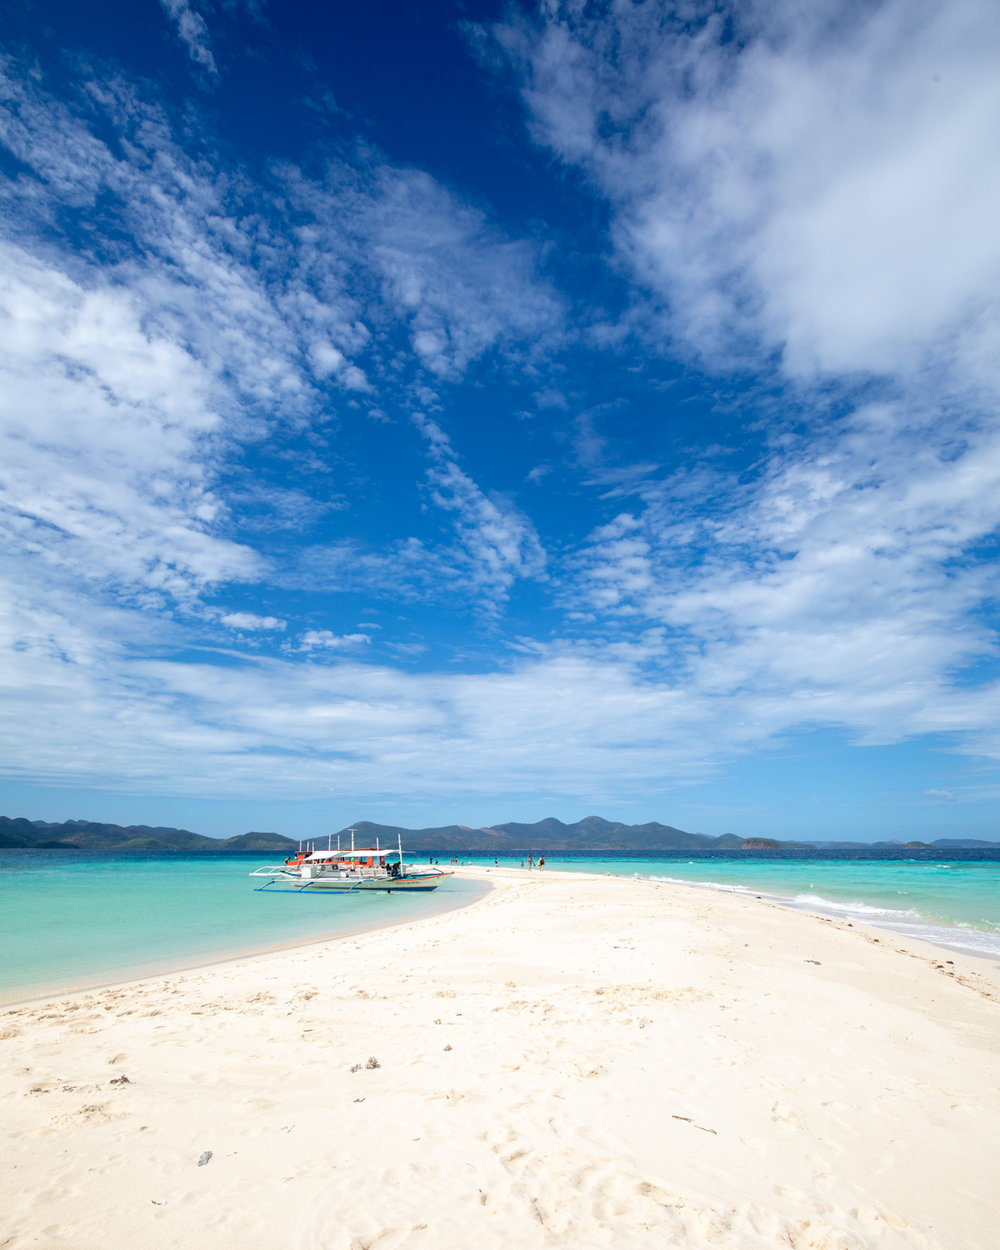 Ditatayan Island Sandbar in Coron, Palawan